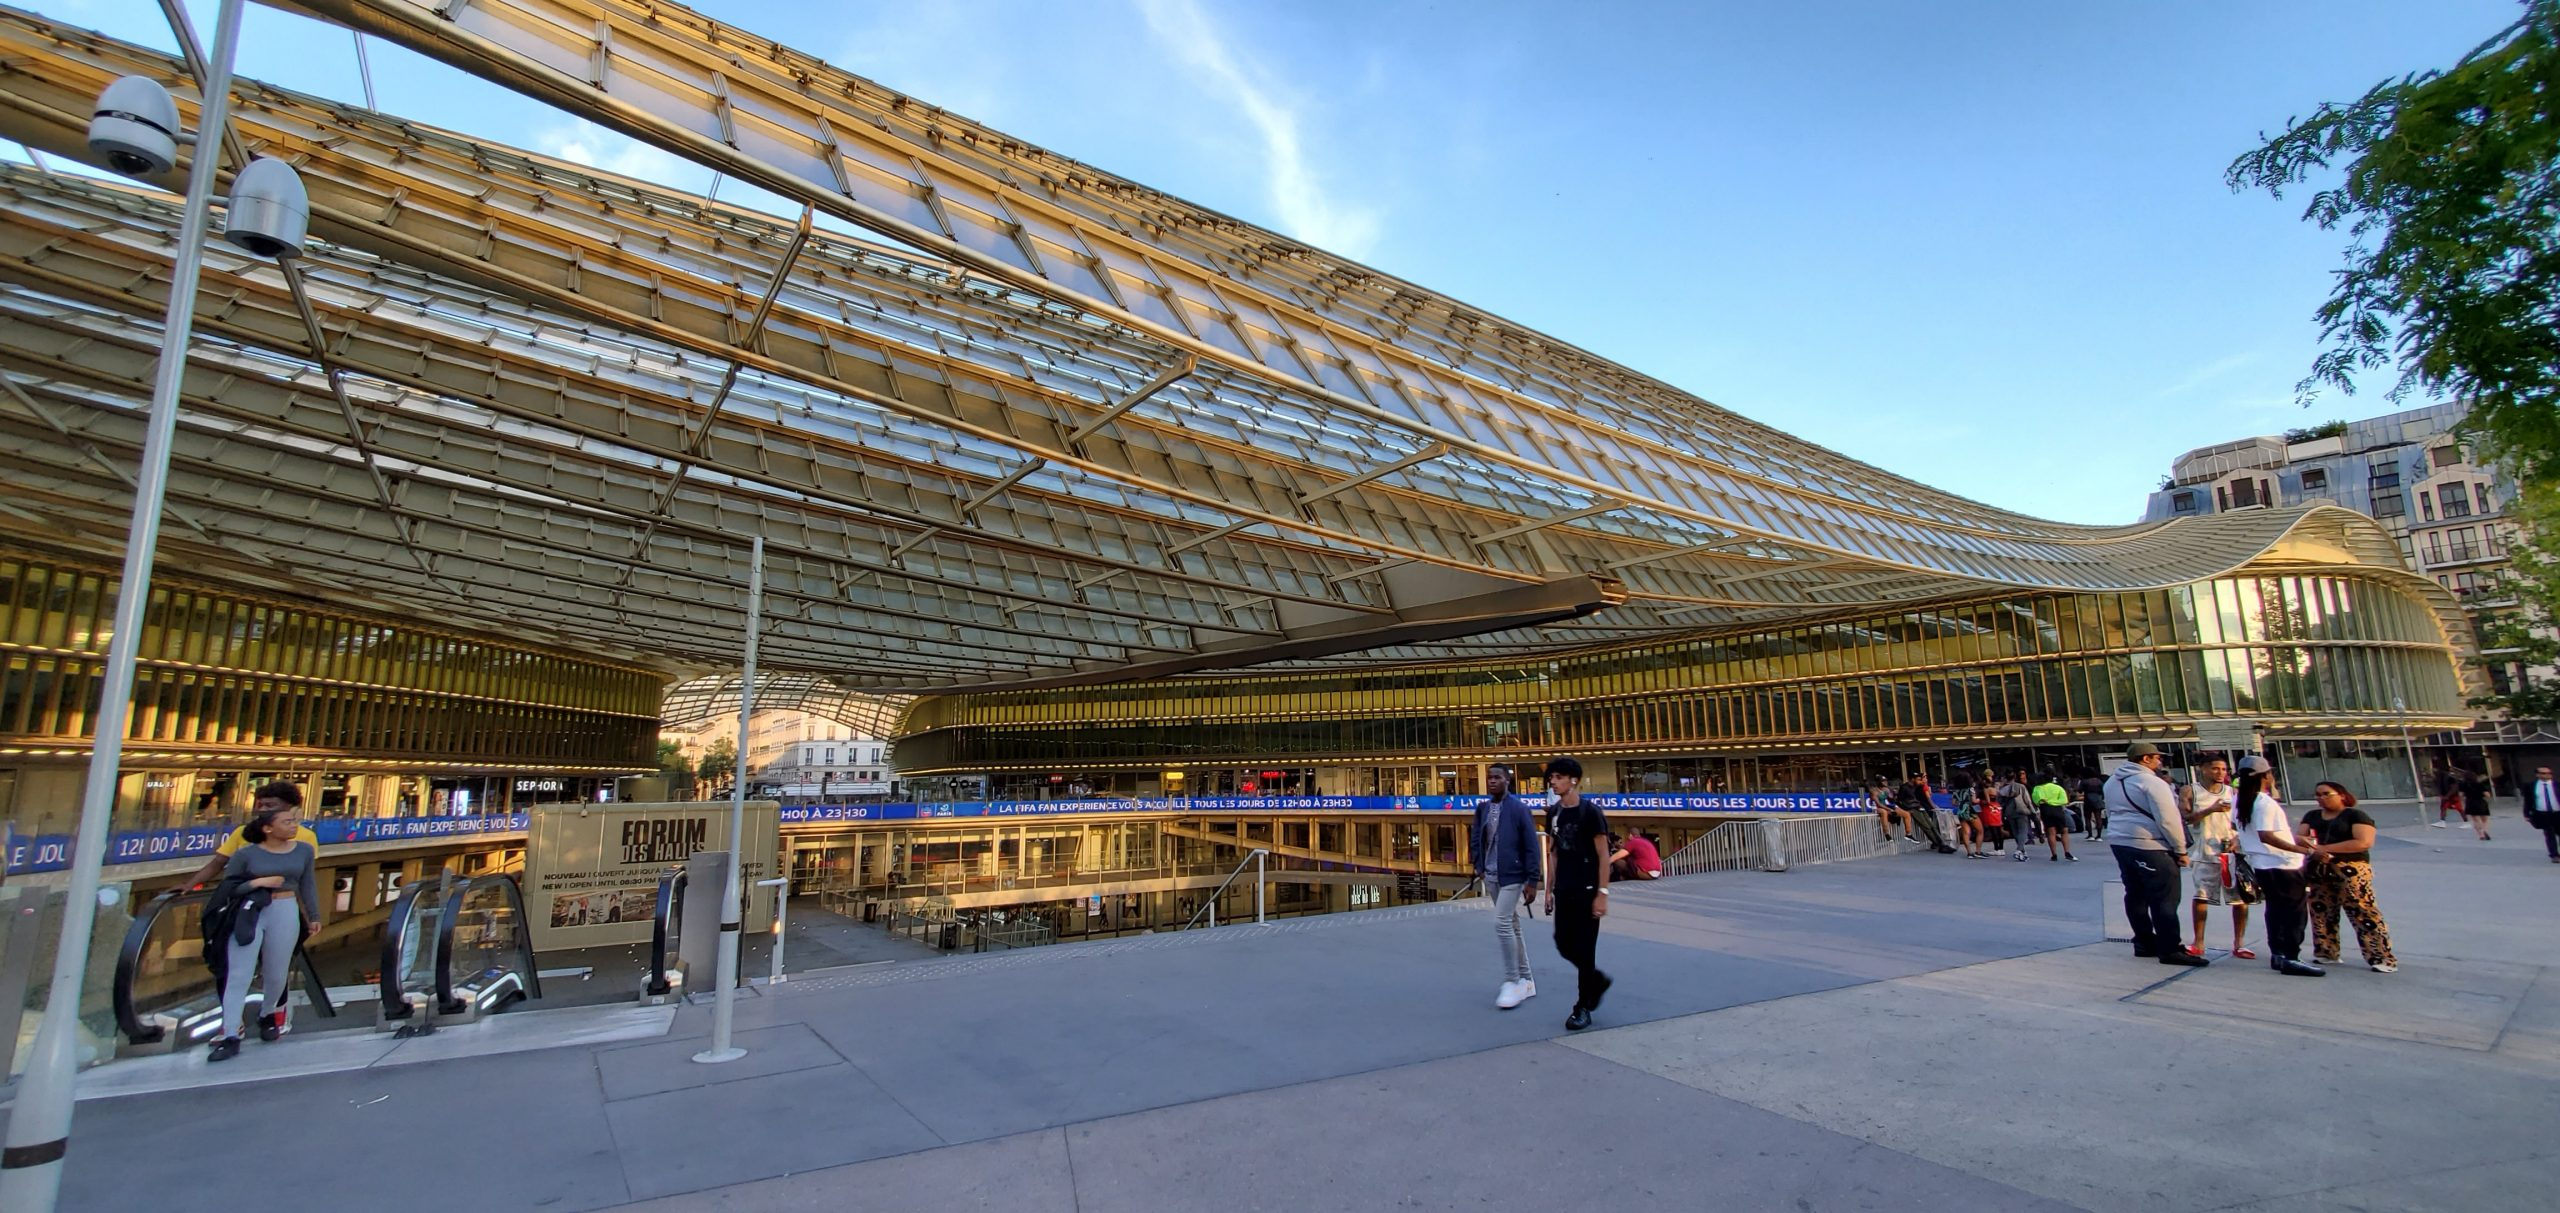 Forum Les Halles, Paris France